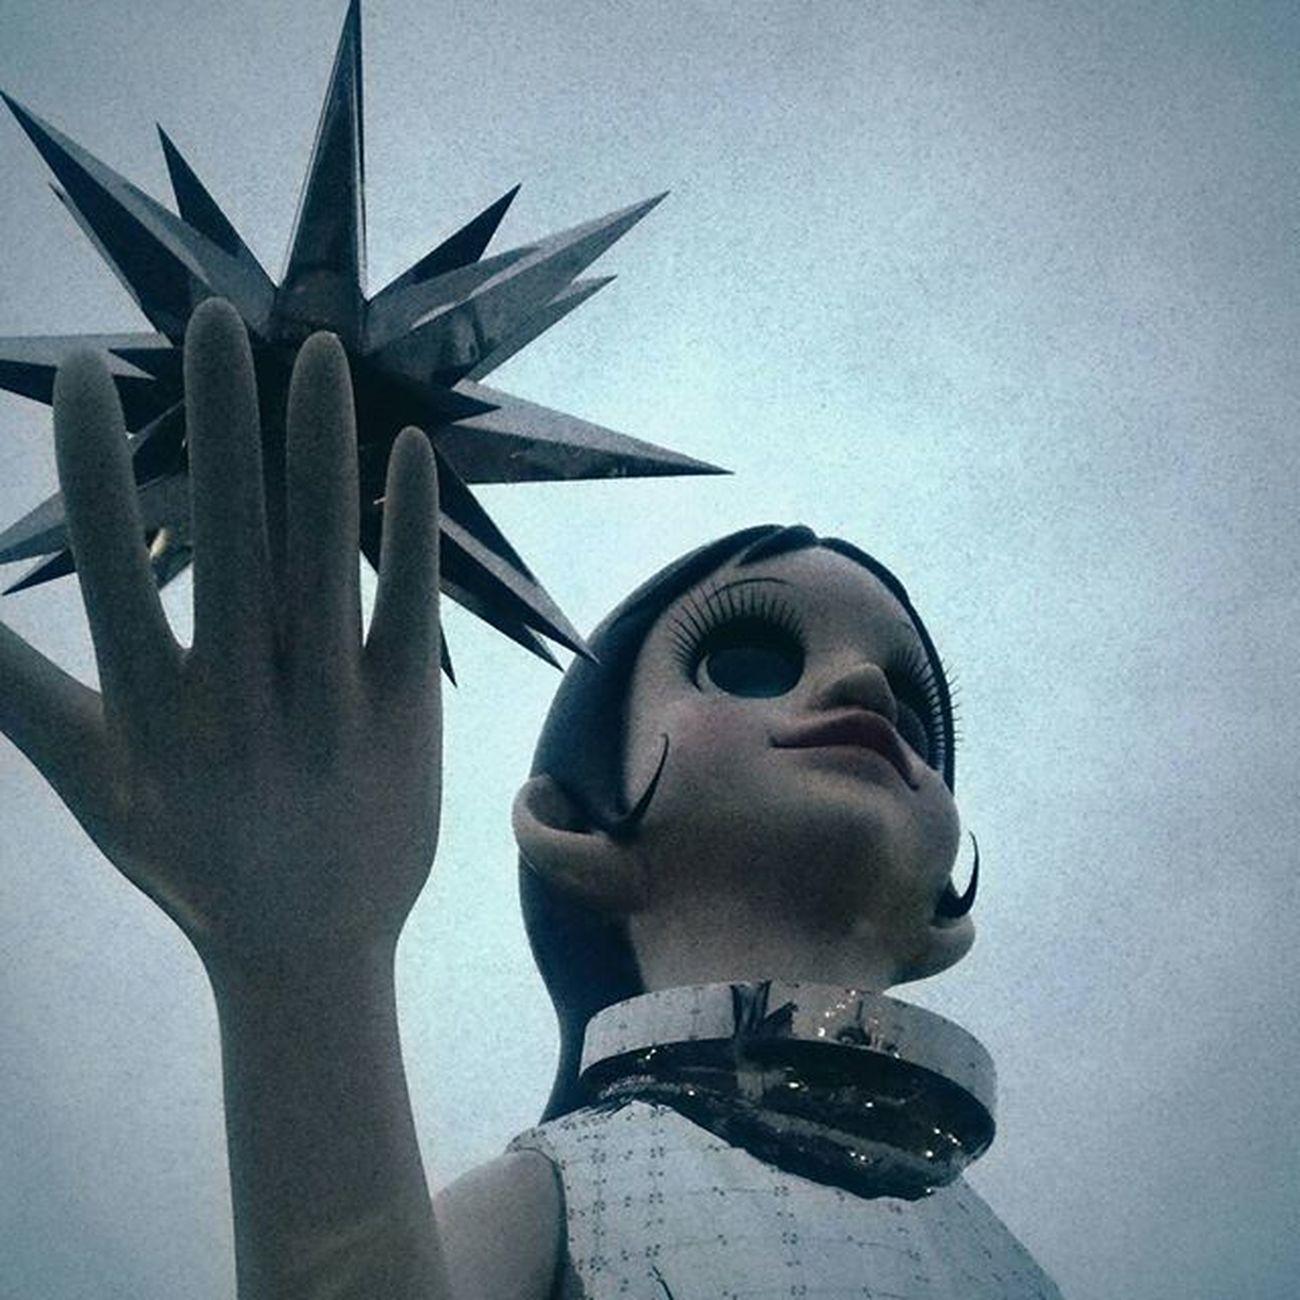 仕事を切り上げてダッシュで美術館へ。閉館までの40分間だけでしたが、良い気分転換になりました。 兵庫県立美術館 Sun_Sister なぎさ ヤノベケンジ 過去現在未来を見つめる少女像 阪神大震災復興 希望の象徴 Monument Japan